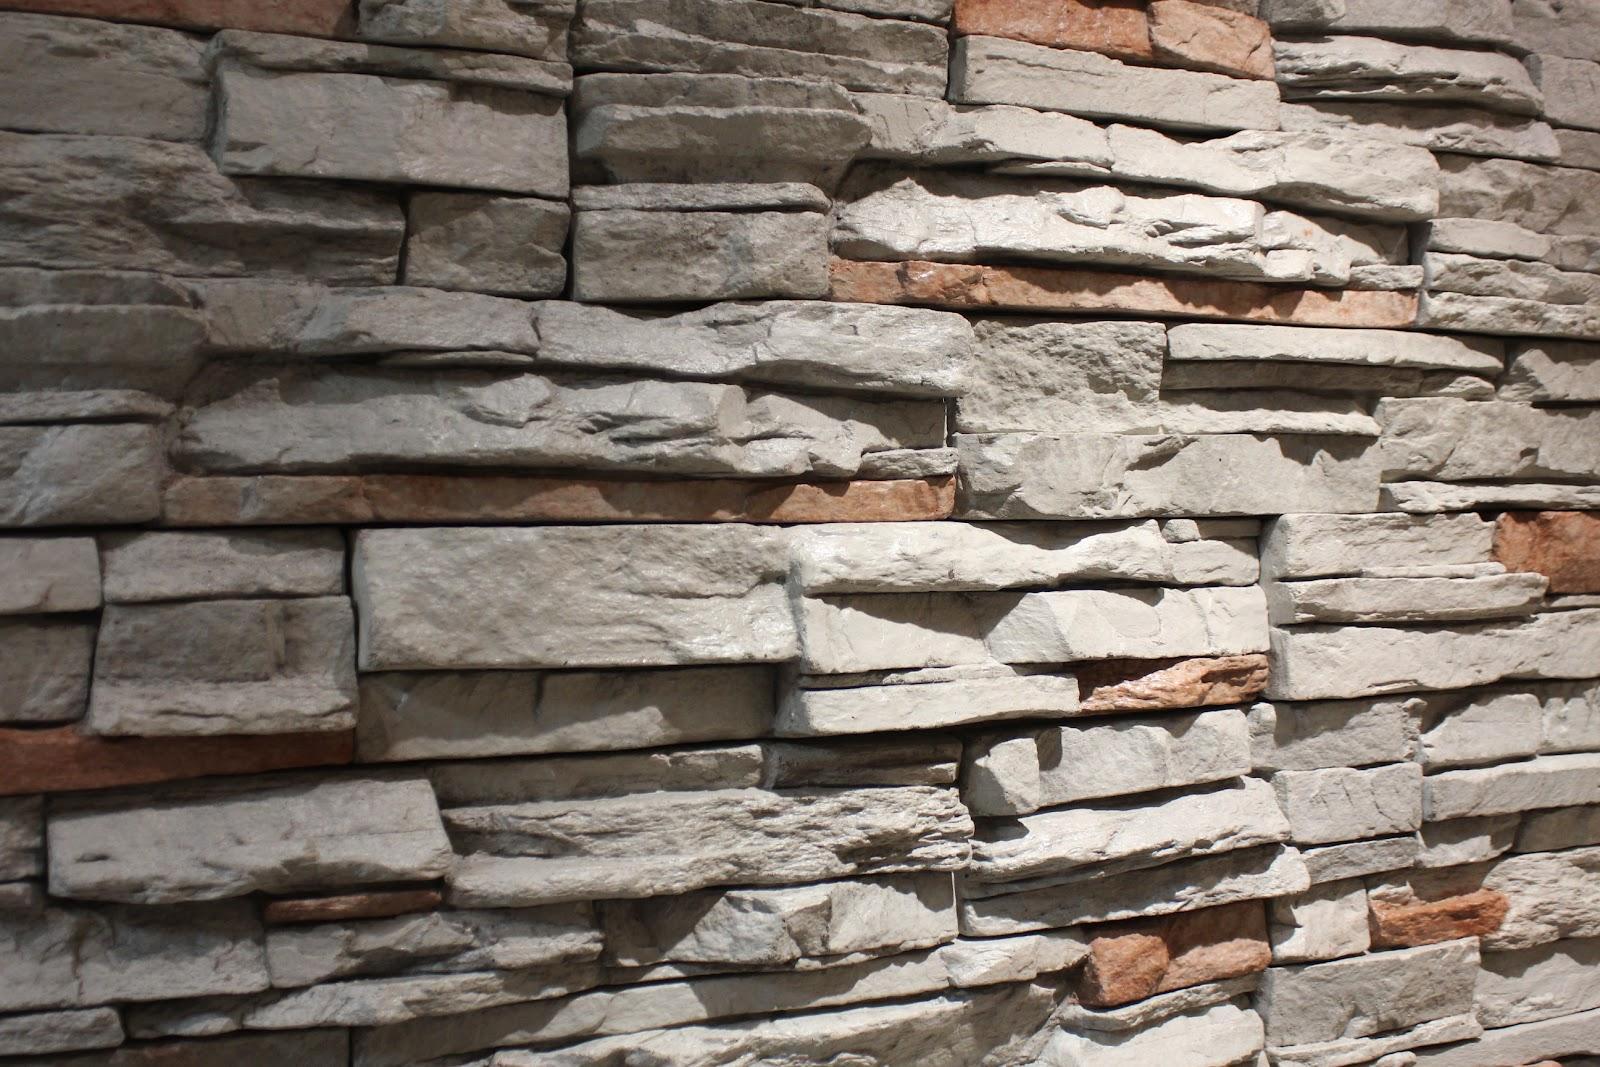 La Pared Revestida En Piedra Hormi Losa - Piedra-para-revestir-paredes